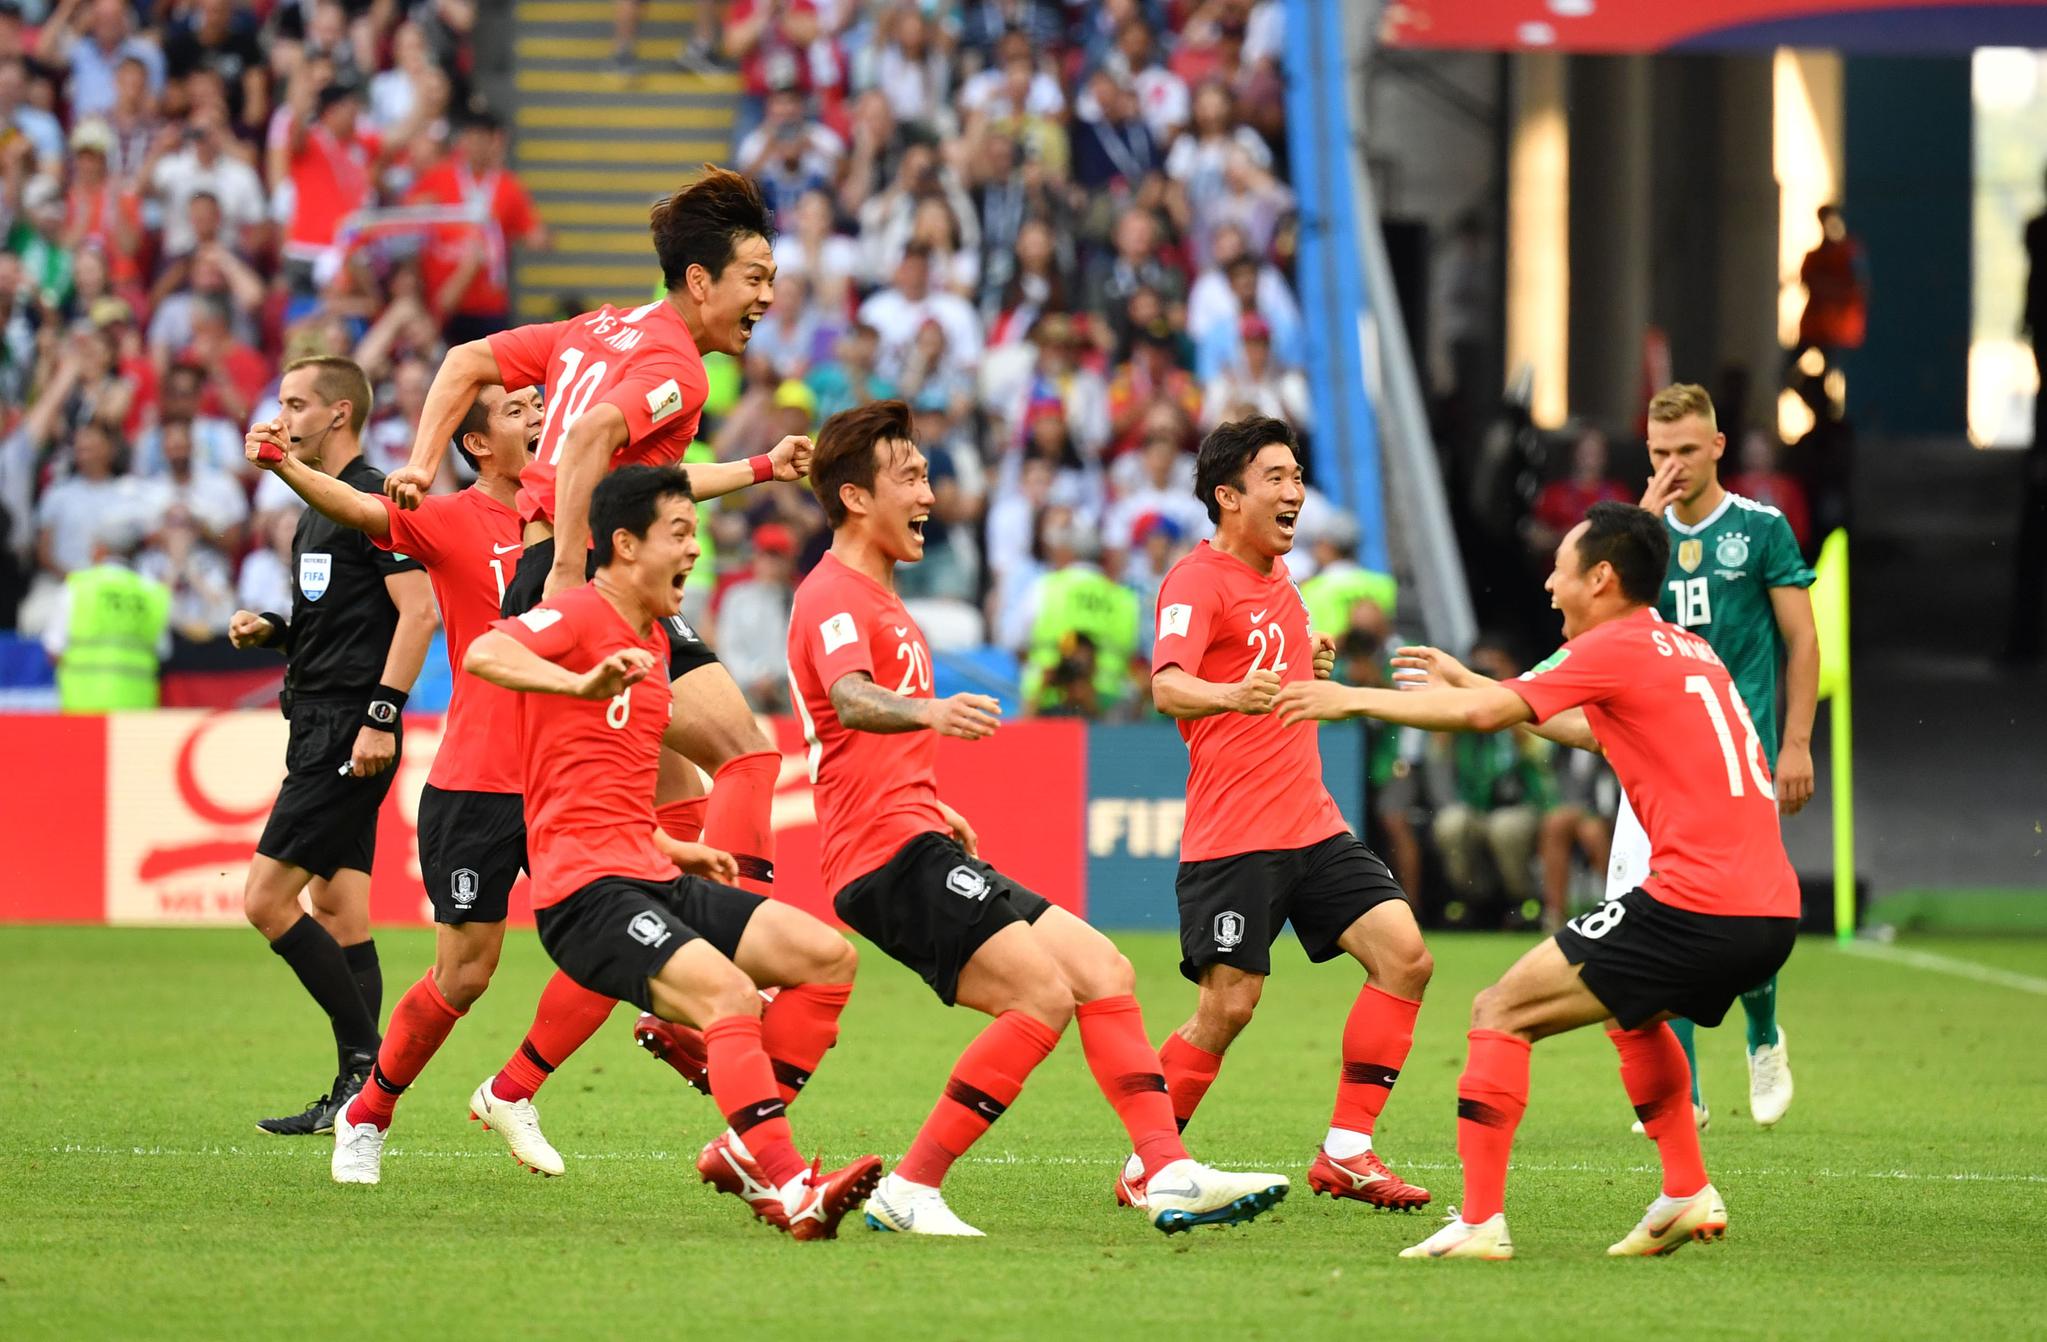 6월 27일 2018 FIFA 러시아 월드컵 F조 조별예선 독일과의 경기에서 김영권의 골에 선수들이 환호하고 있다.임현동 기자